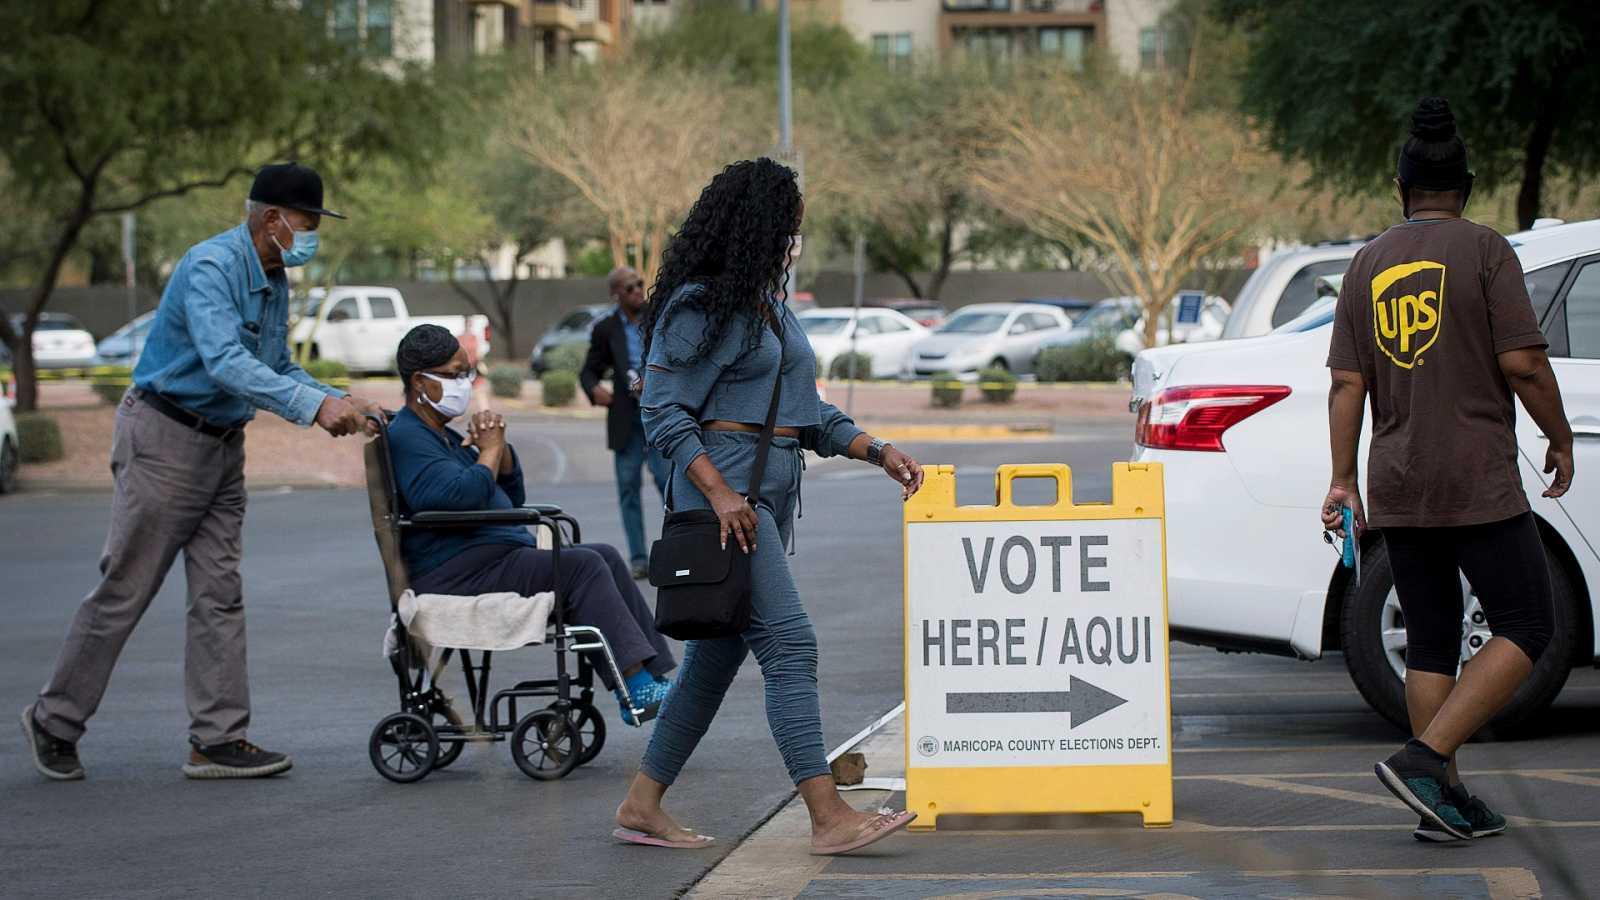 Reportajes 5 Continentes - Elecciones EE.UU.: la importancia de los Swing States - Escuchar ahora